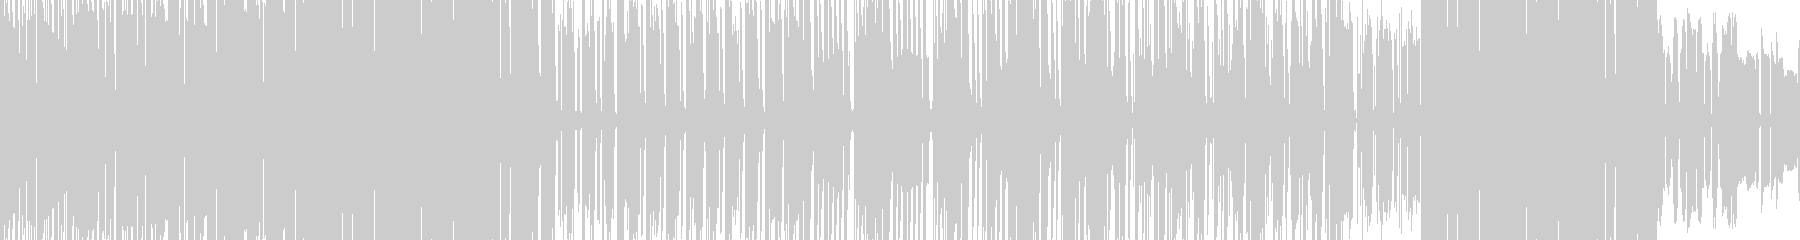 オフビート感の漂うエキゾチックなファンクの未再生の波形